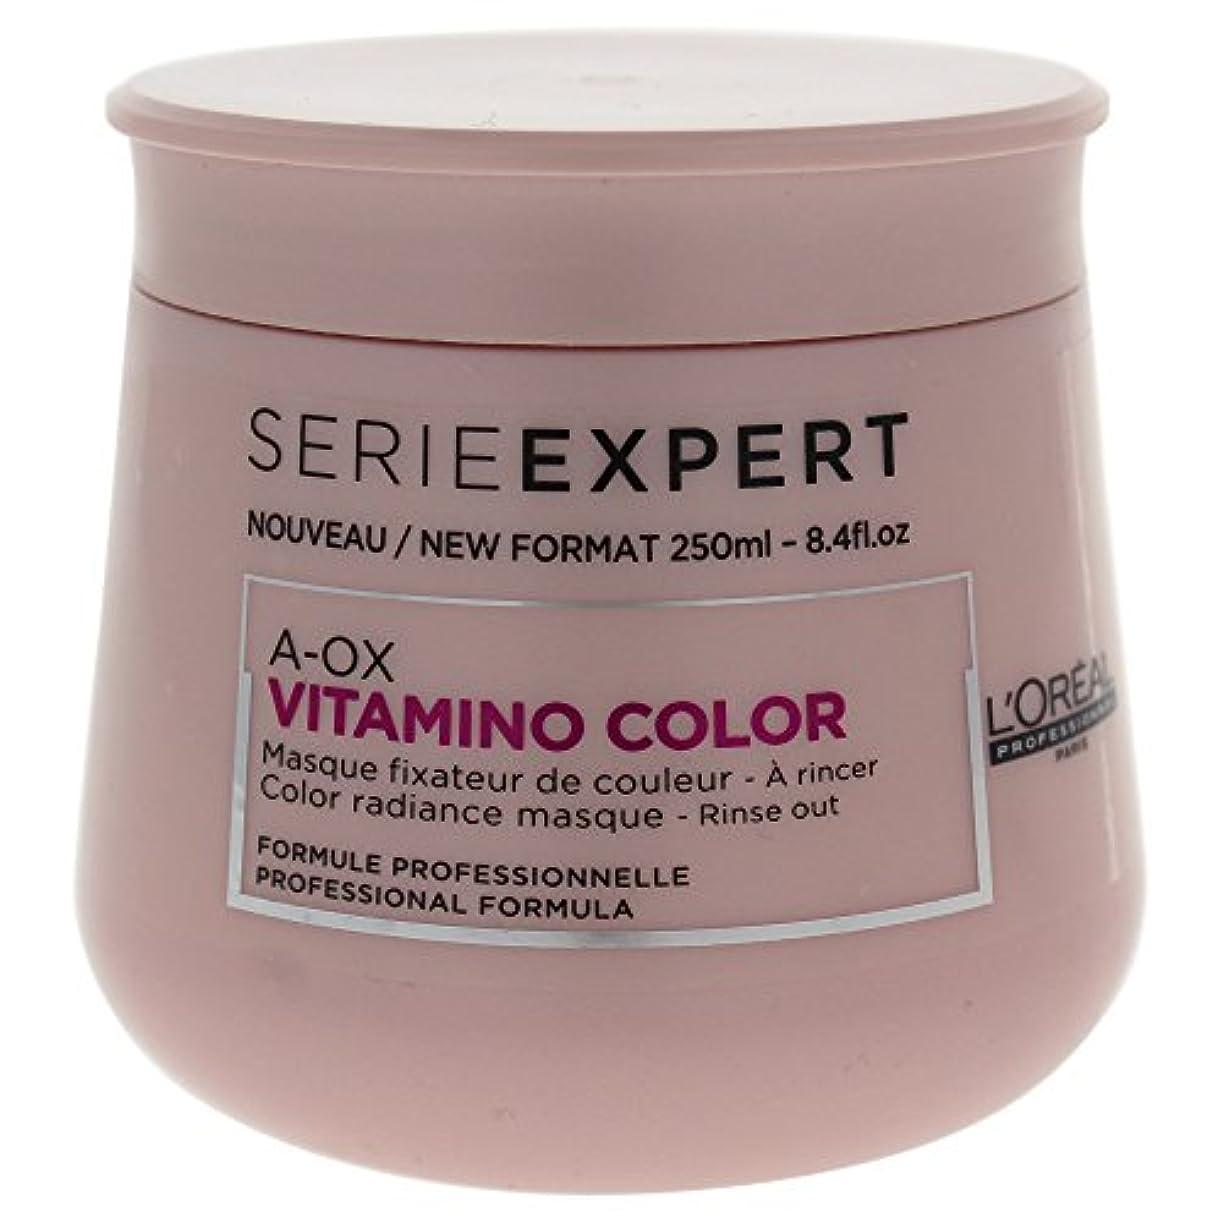 うまくやる()生援助するL'Oreal Serie Expert A-OX VITAMINO COLOR Color Radiance Masque 250 ml [並行輸入品]